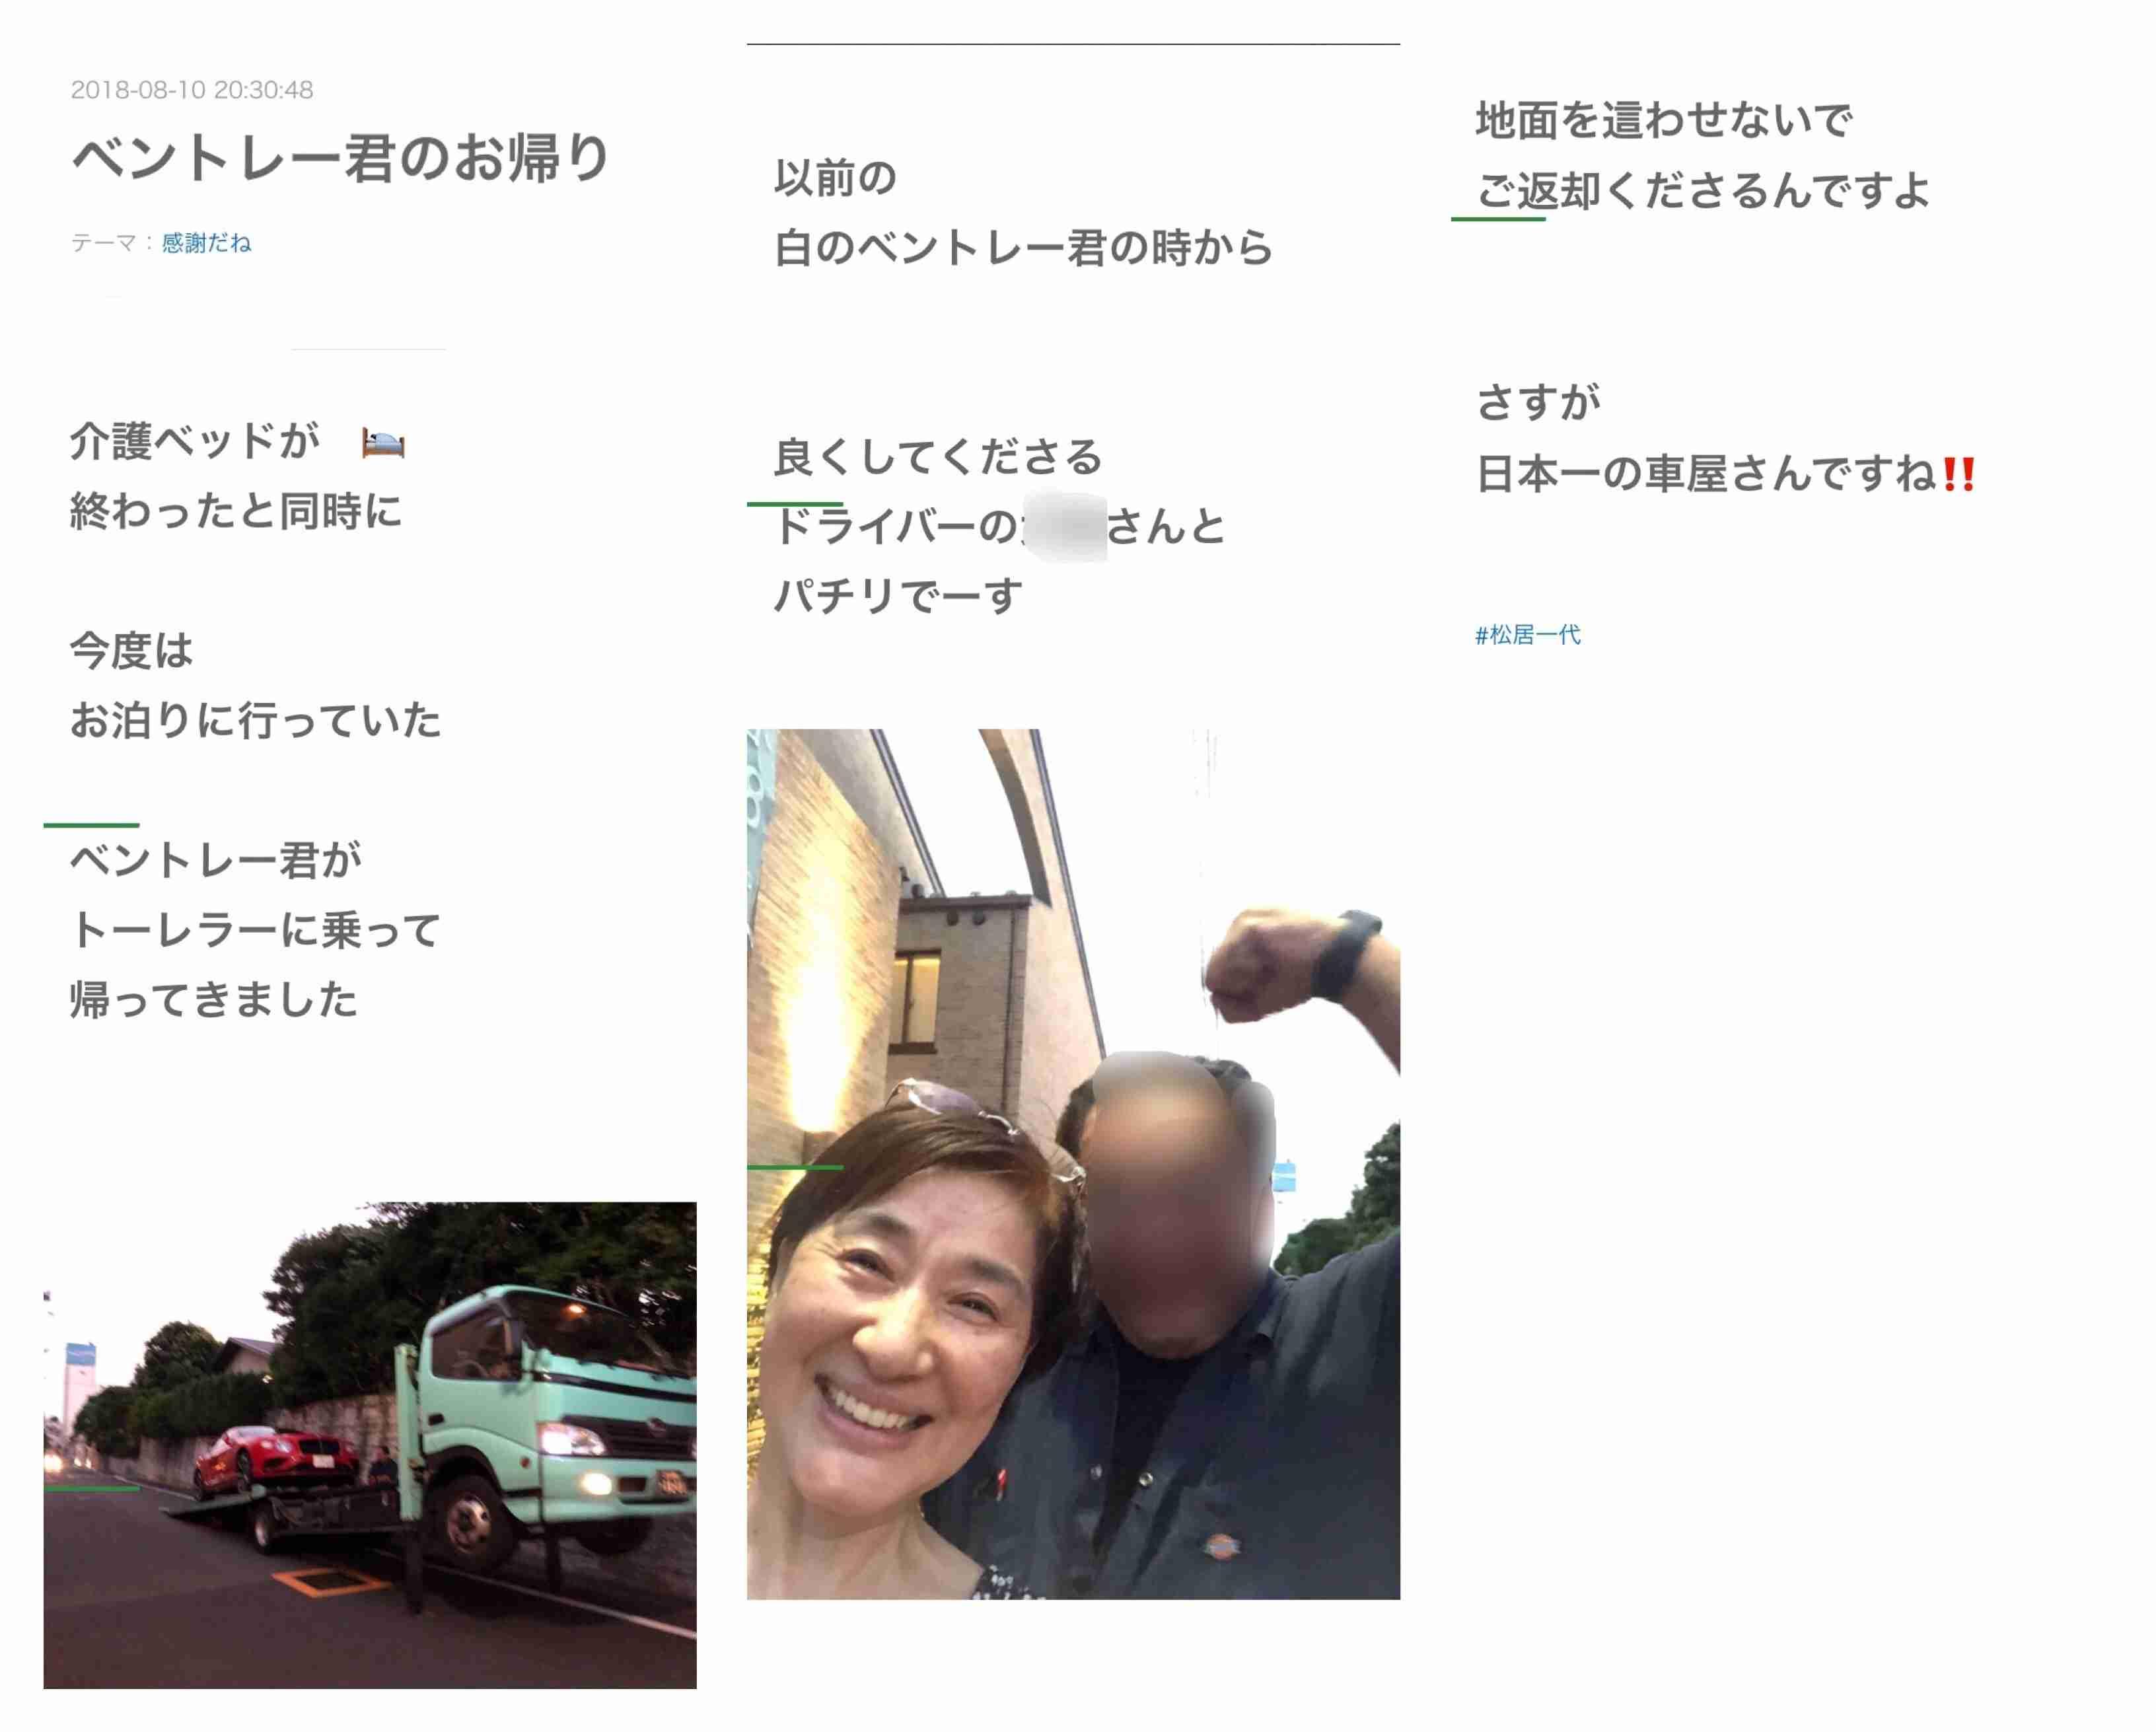 松居一代、病抱える父を自宅で介護の決意 滋賀から車移動に「無事に到着できるよう」